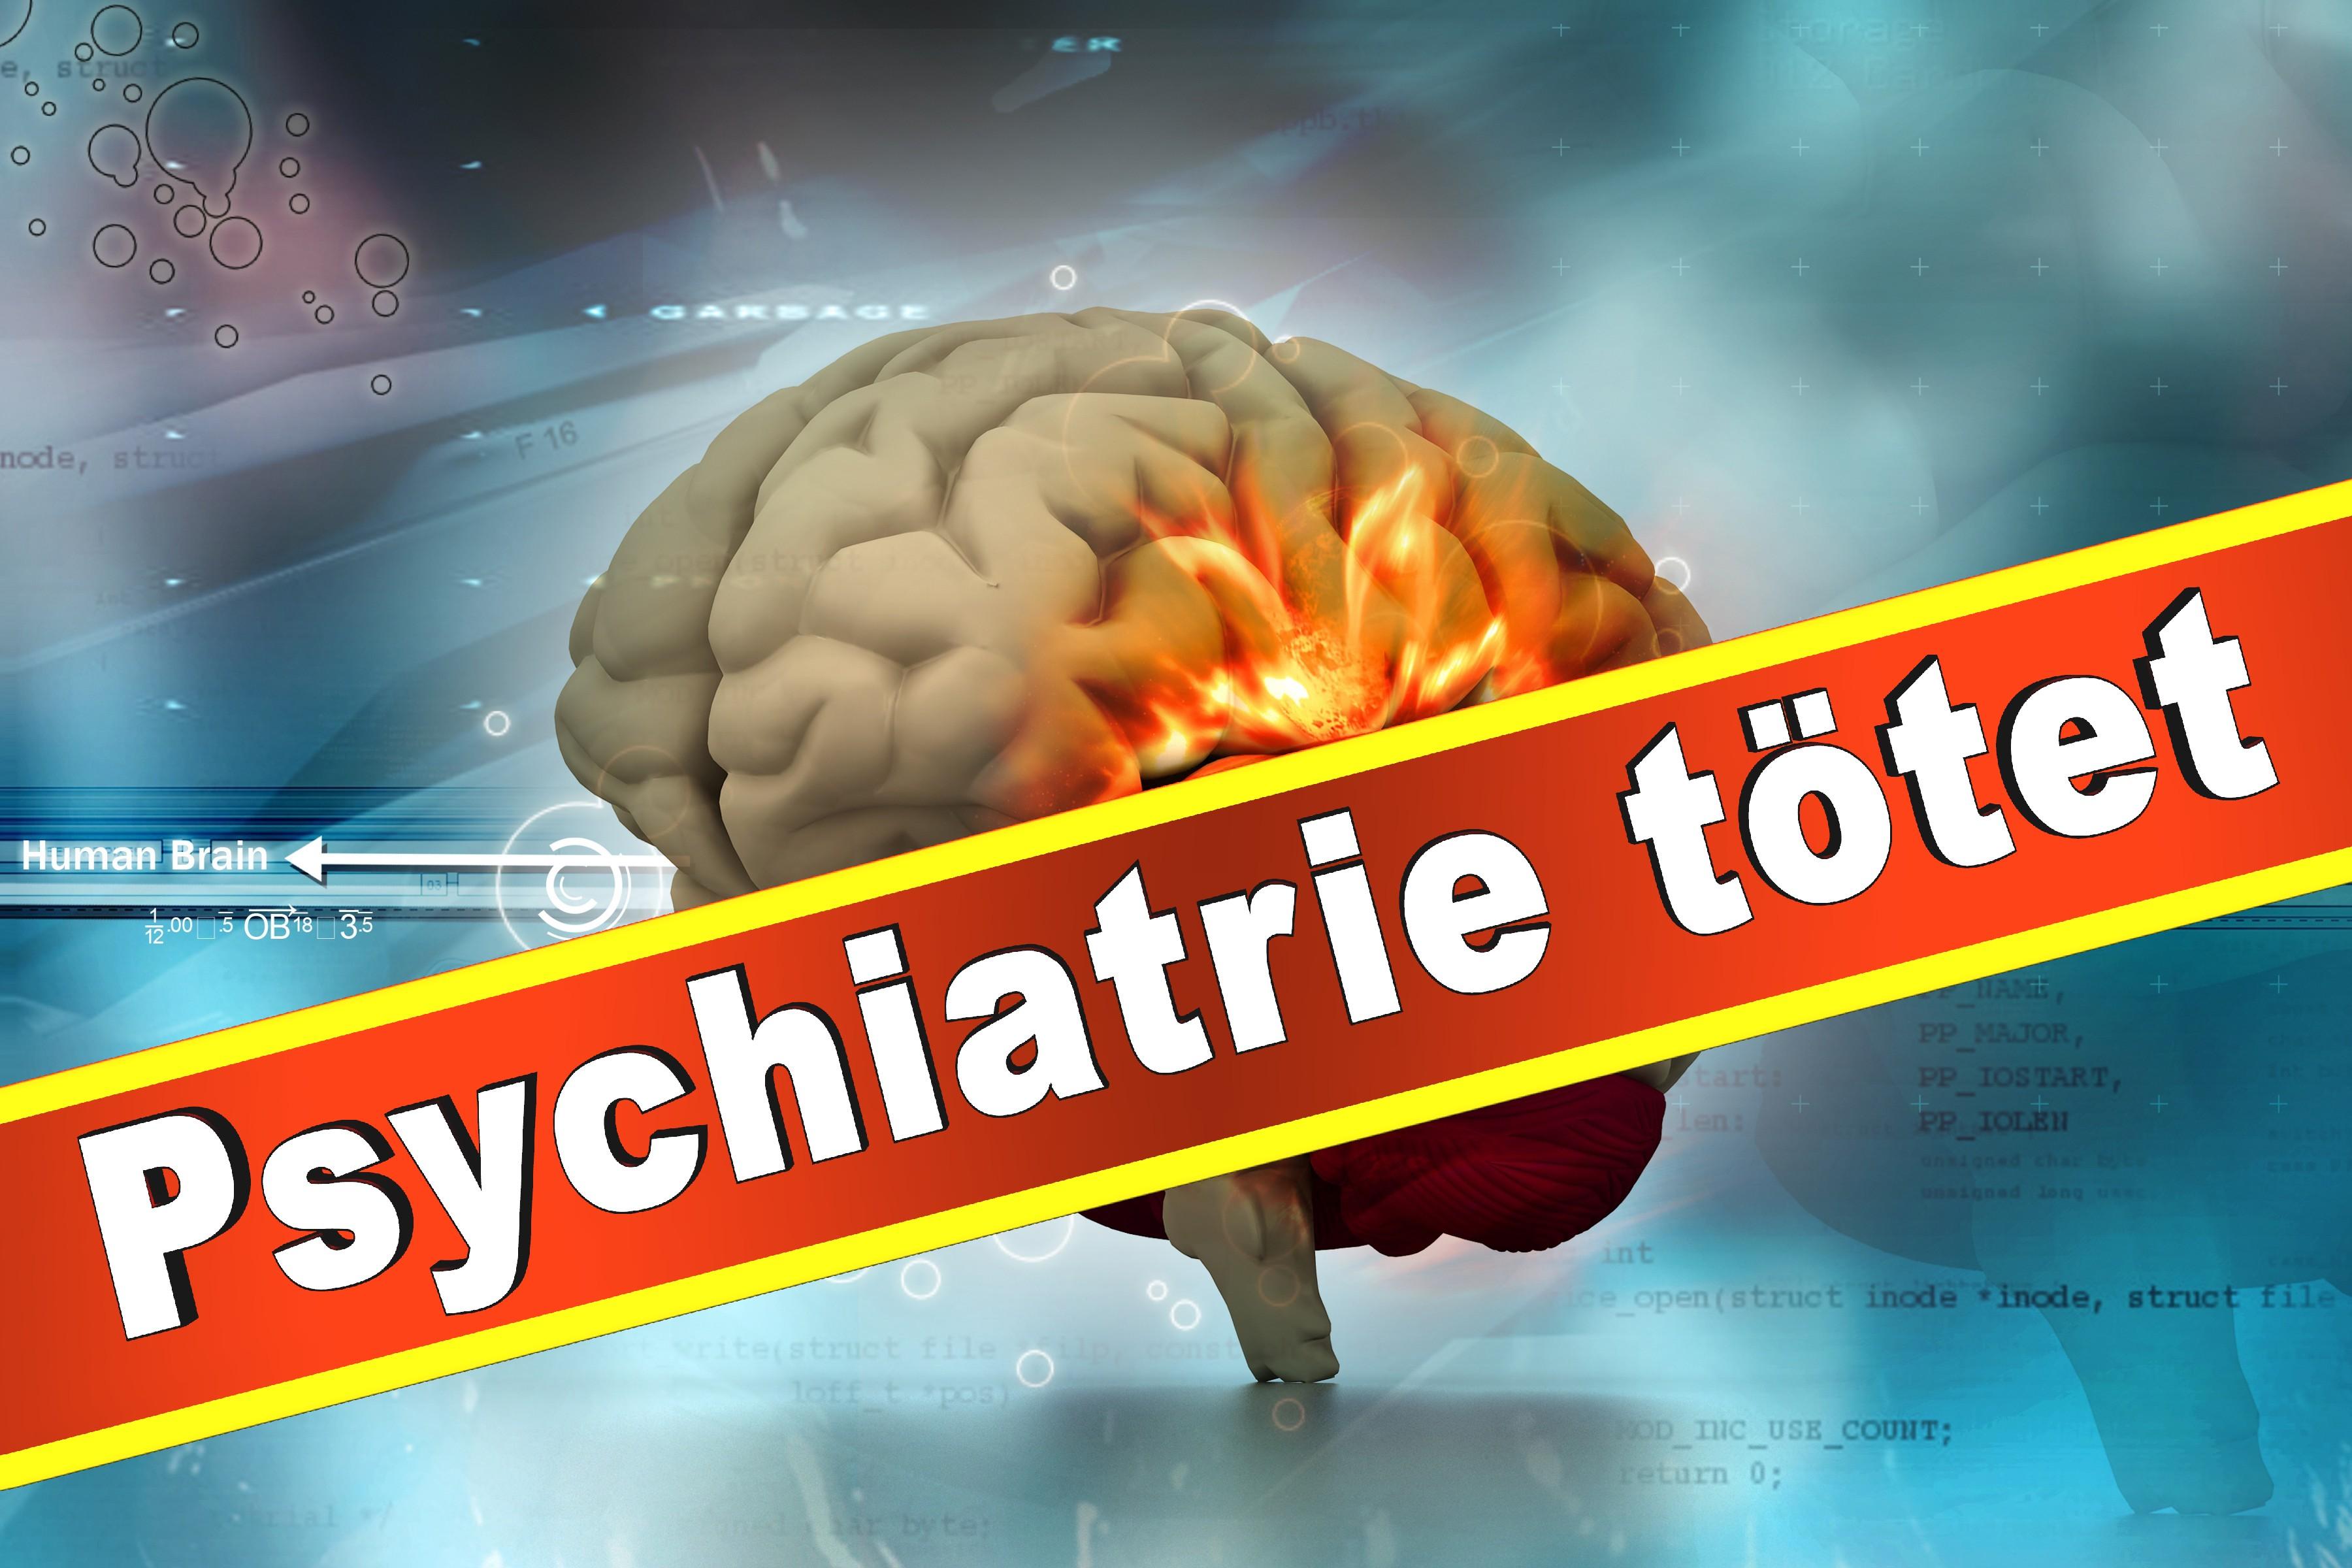 Klinikum Wahrendorff Psychiatrie Psychiatrische Klinik Krankenhaus Sehnde Gutachten Psychiater Facharzt Psychiatrie